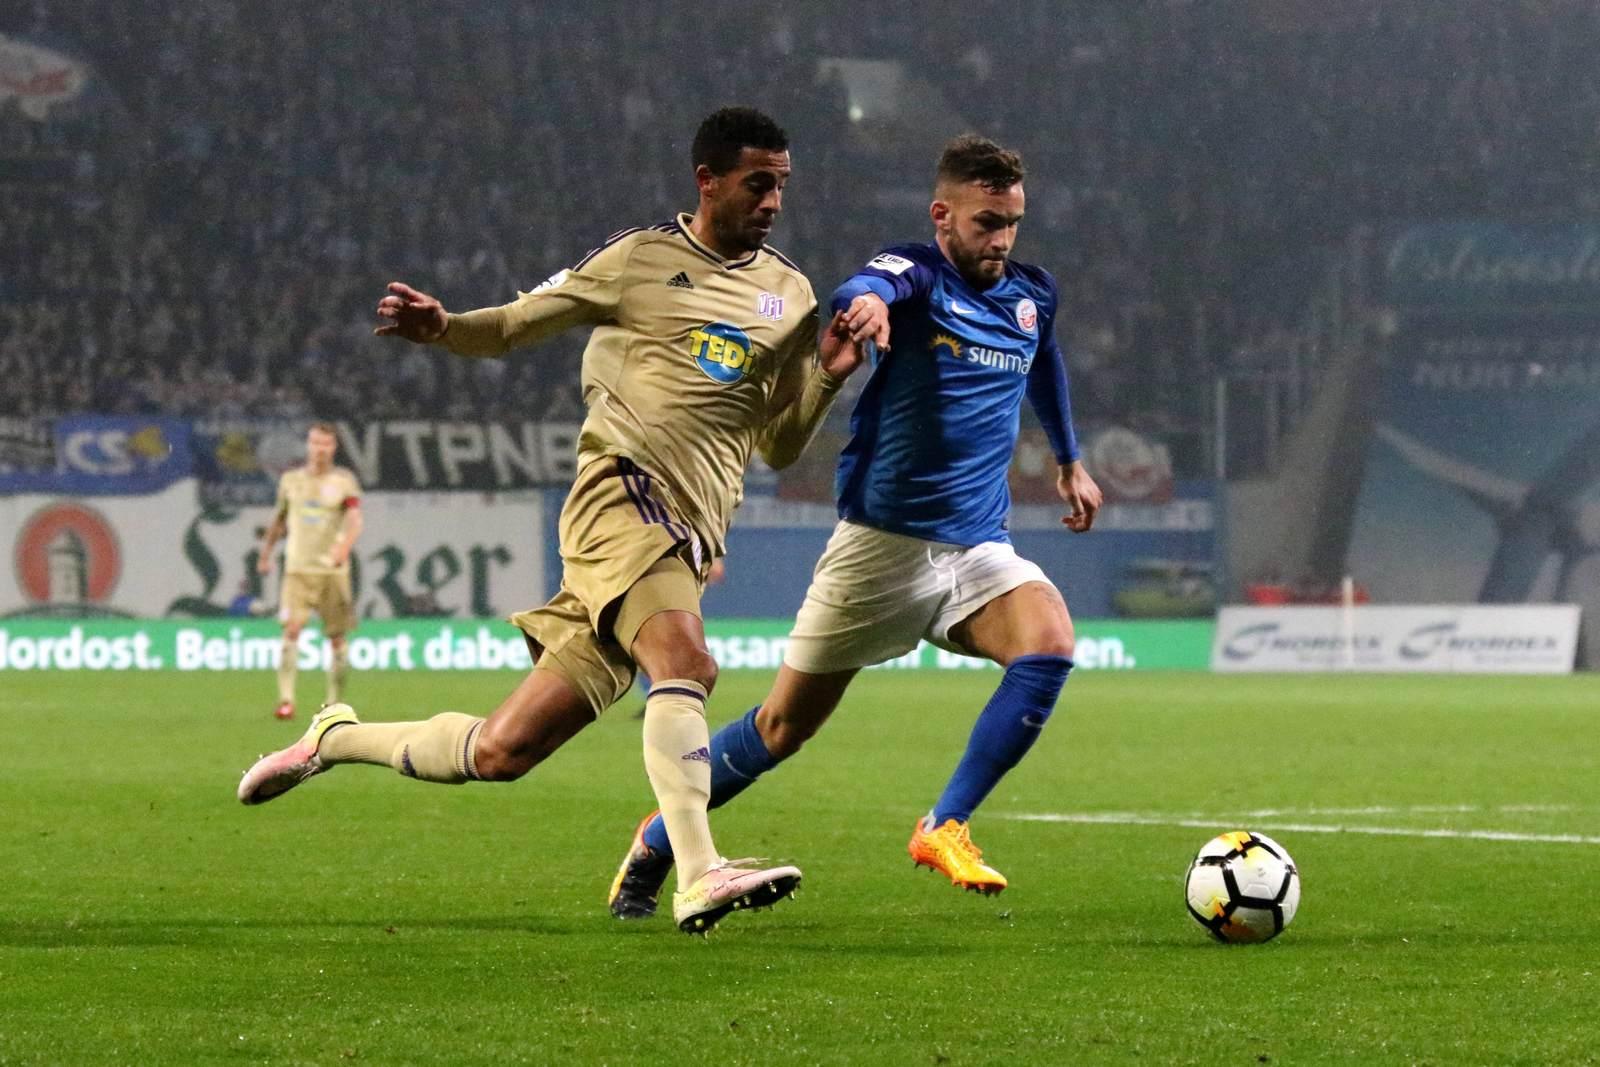 Marcel Appiah gegen Fabian Holthaus. Jetzt auf die Partie Osnabrück gegen Hansa Rostock wetten